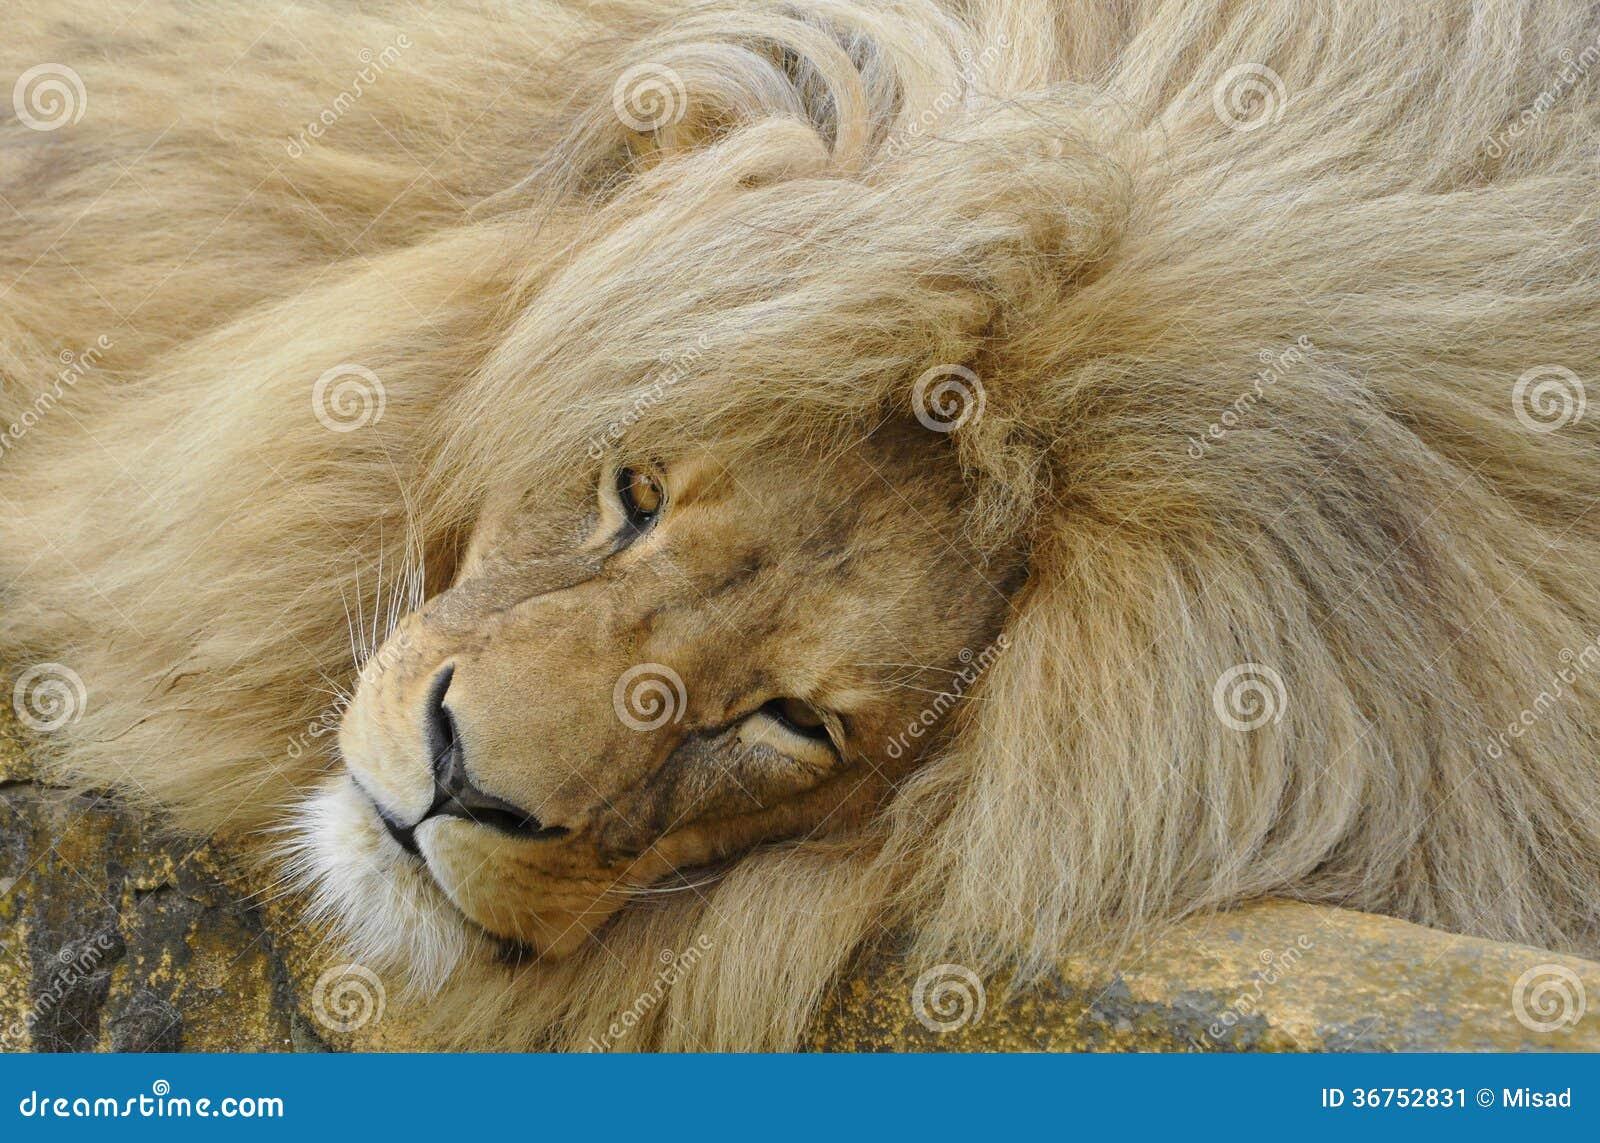 Katanga lion with a big mane is resting Katanga Lion